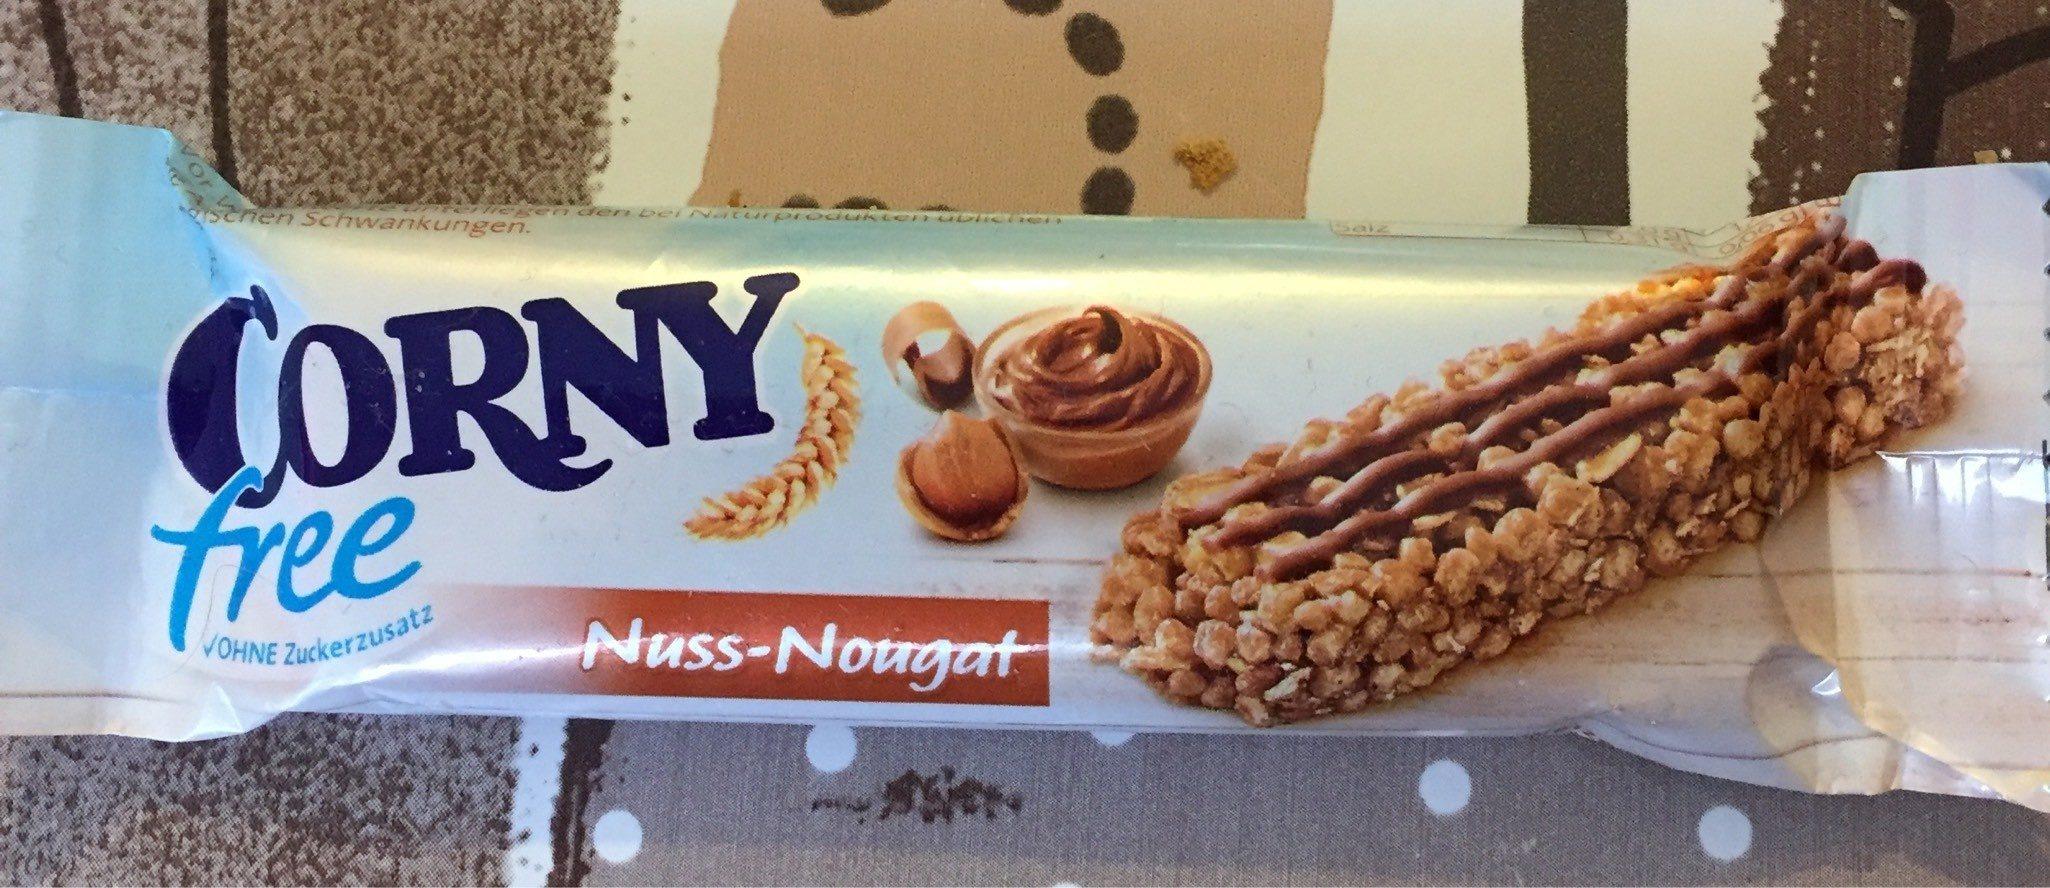 Corny Free, Nuss Nougat - Product - fr